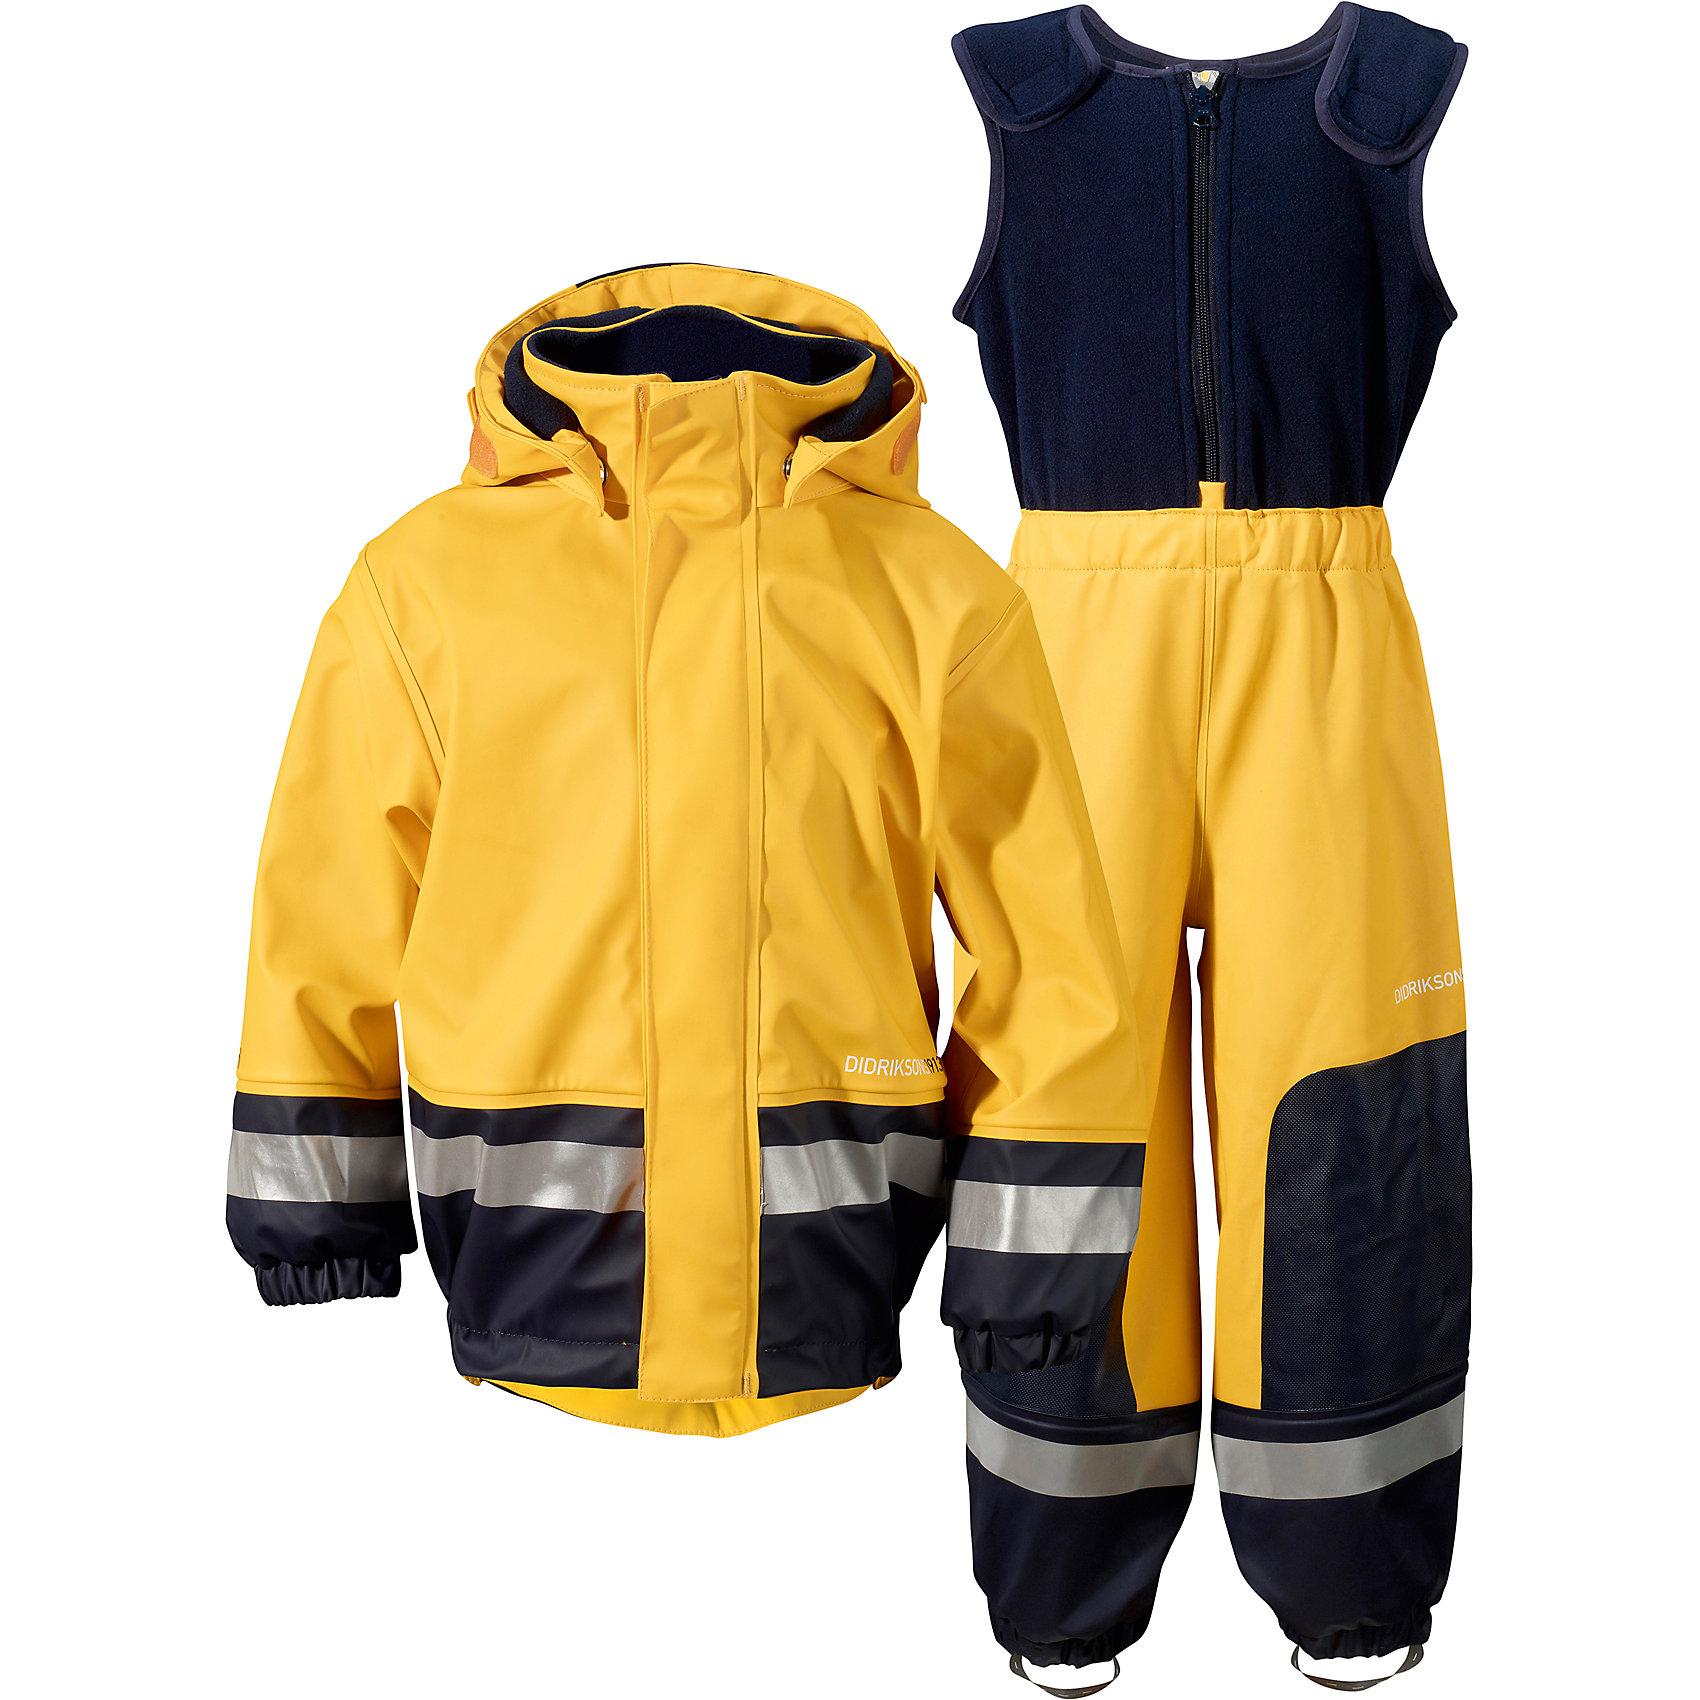 Комплект Boardman: курта и брюки DIDRIKSONSХарактеристики товара:<br><br>• цвет: желтый<br>• материал: 100% полиуретан, подкладка - 100% полиэстер<br>• утеплитель: 60 г/м<br>• температура: от 0° до +7 ° С<br>• непромокаемая ткань<br>• подкладка из флиса<br>• проклеенные швы<br>• регулируемый съемный капюшон<br>• регулируемый пояс брюк<br>• фронтальная молния под планкой<br>• светоотражающие детали<br>• зона коленей усилена дополнительным слоем ткани<br>• грязь легко удаляется с помощью влажной губки или ткани<br>• резинки для ботинок<br>• страна бренда: Швеция<br>• страна производства: Китай<br><br>Такой непромокаемый костюм понадобится в холодную и сырую погоду! Он не только стильный, но еще и очень комфортный. Костюм обеспечит ребенку удобство при прогулках и активном отдыхе в межсезонье или оттепель. Такая модель от шведского производителя легко чистится, она оснащена разными полезными деталями.<br>Материал костюма - непромокаемый, швы дополнительно проклеены. Очень стильная и удобная модель! Изделие качественно выполнено, сделано из безопасных для детей материалов. <br><br>Комплект: куртку и брюки от бренда DIDRIKSONS можно купить в нашем интернет-магазине.<br><br>Ширина мм: 356<br>Глубина мм: 10<br>Высота мм: 245<br>Вес г: 519<br>Цвет: желтый<br>Возраст от месяцев: 18<br>Возраст до месяцев: 24<br>Пол: Унисекс<br>Возраст: Детский<br>Размер: 90,80,100<br>SKU: 5003843